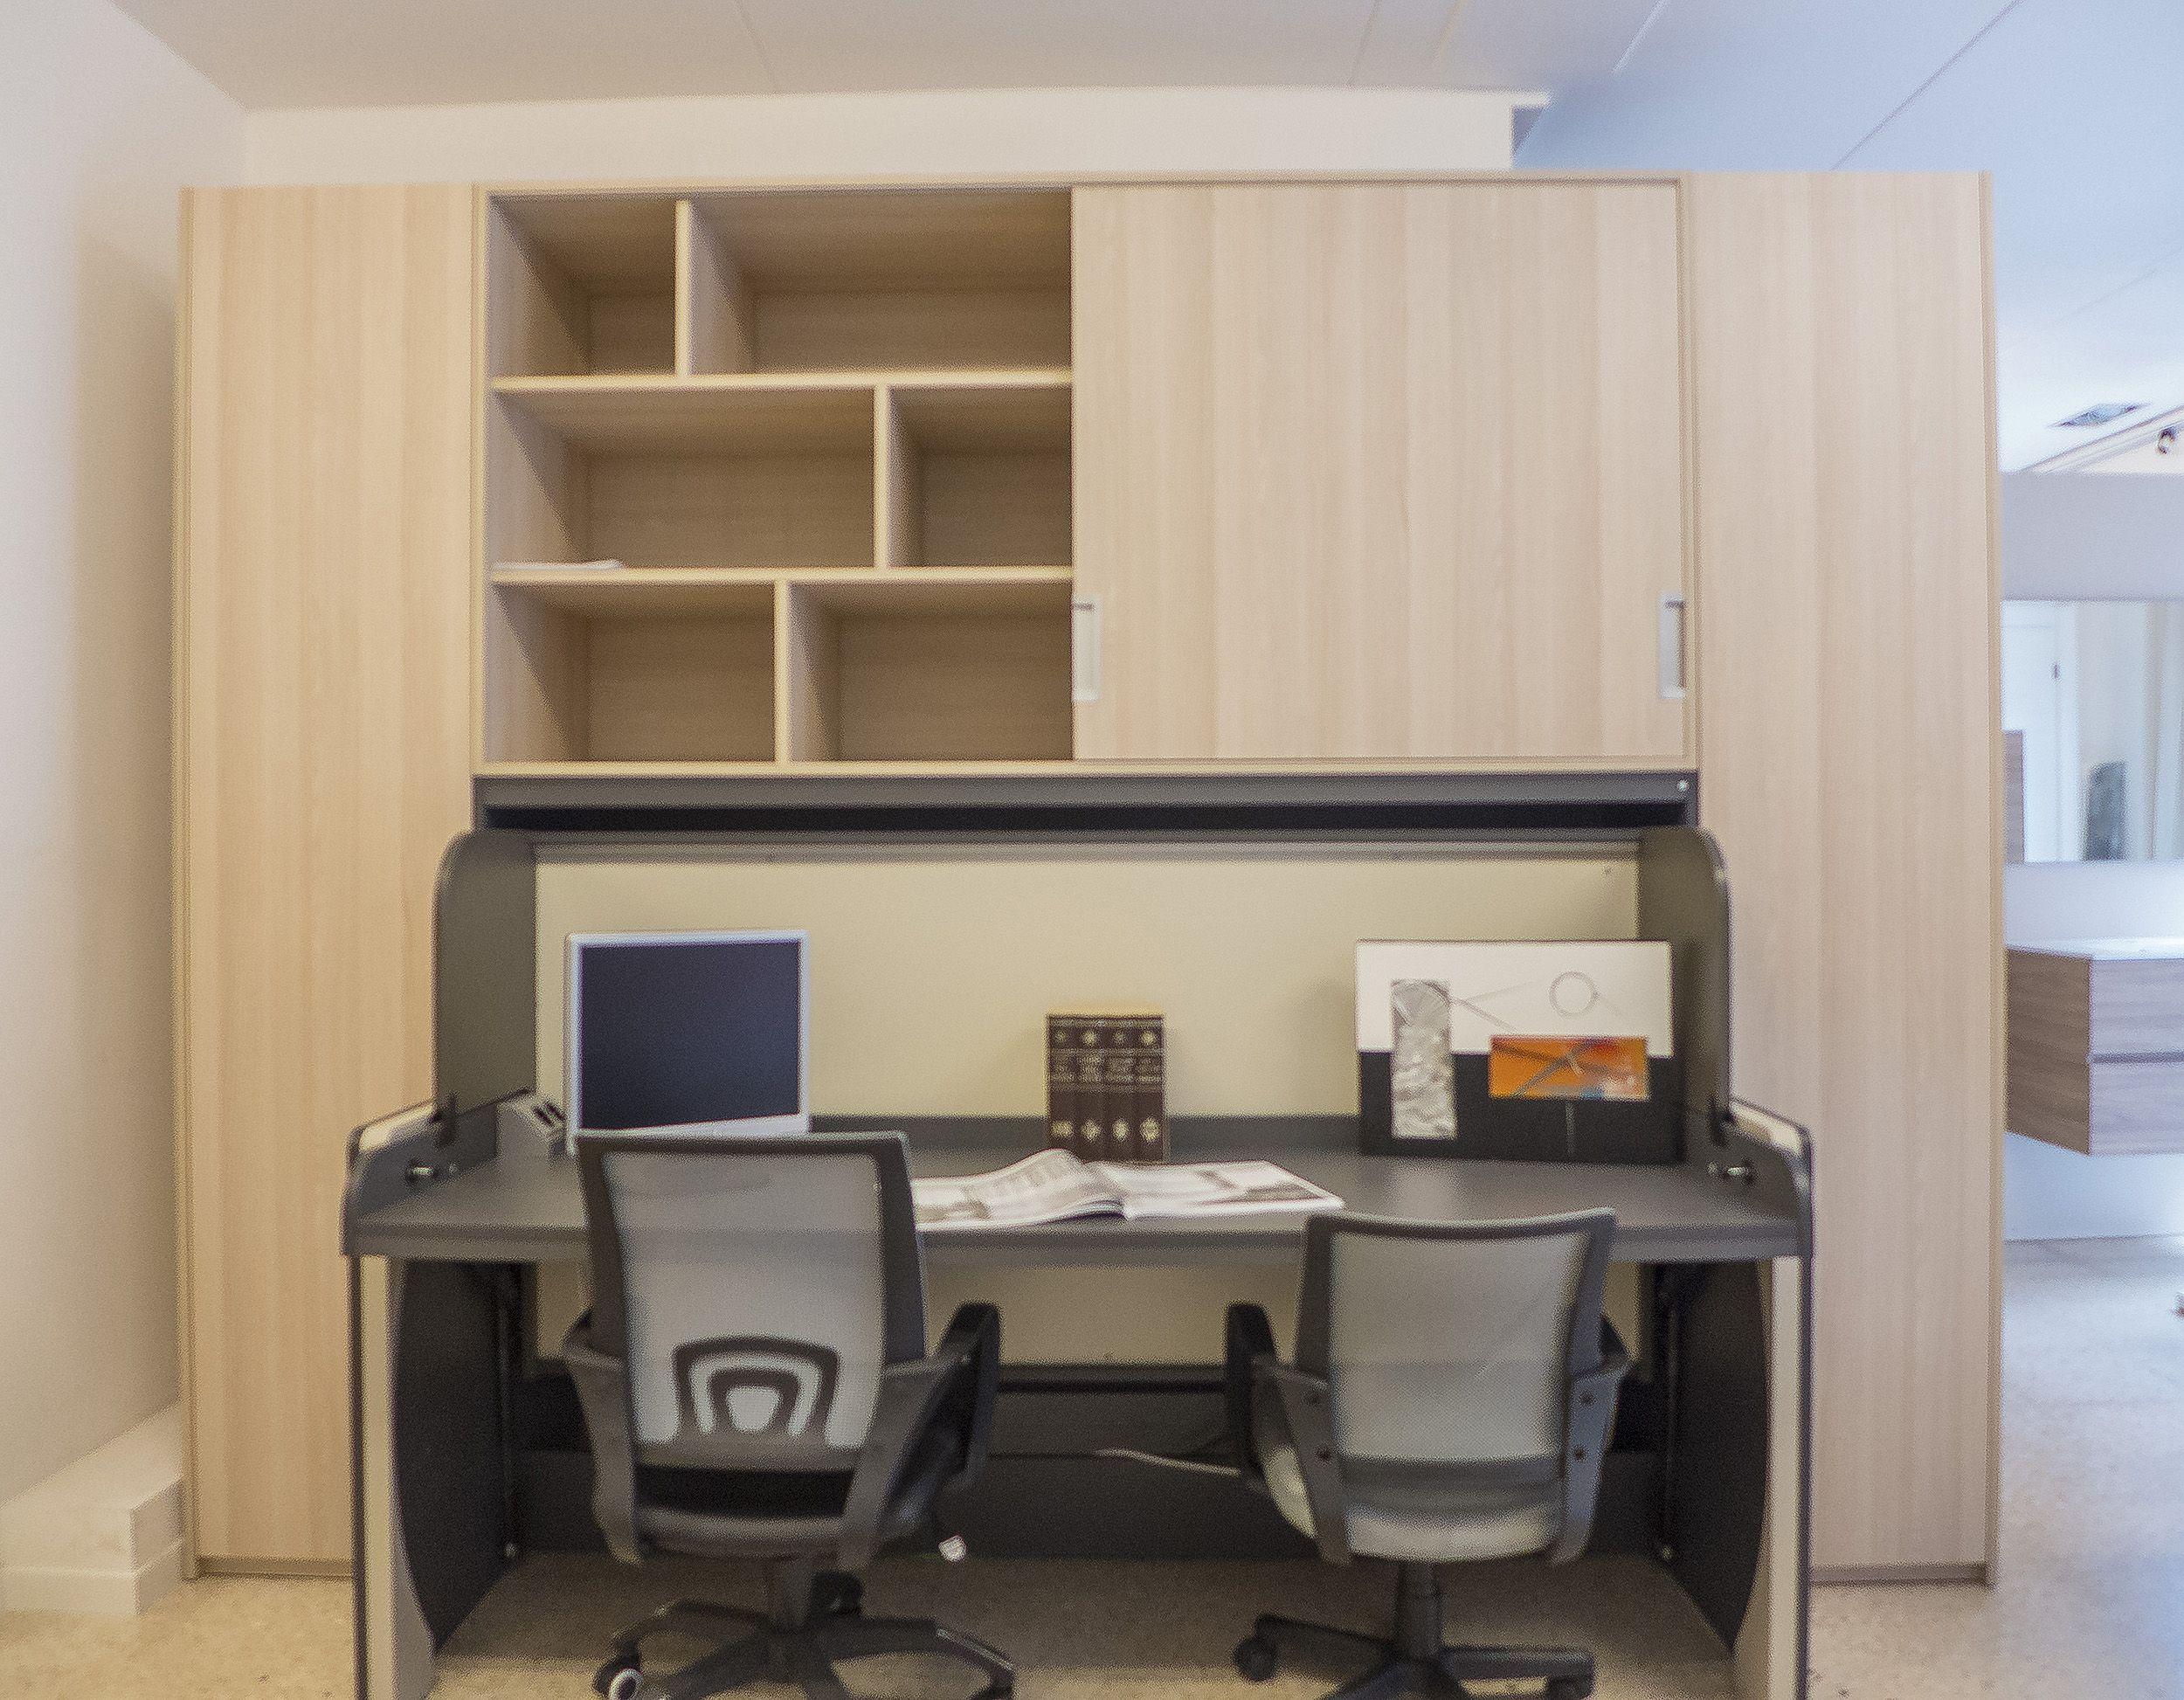 Muebles compactos y abatibles para habitaciones en Sant Feliú de Llobregat